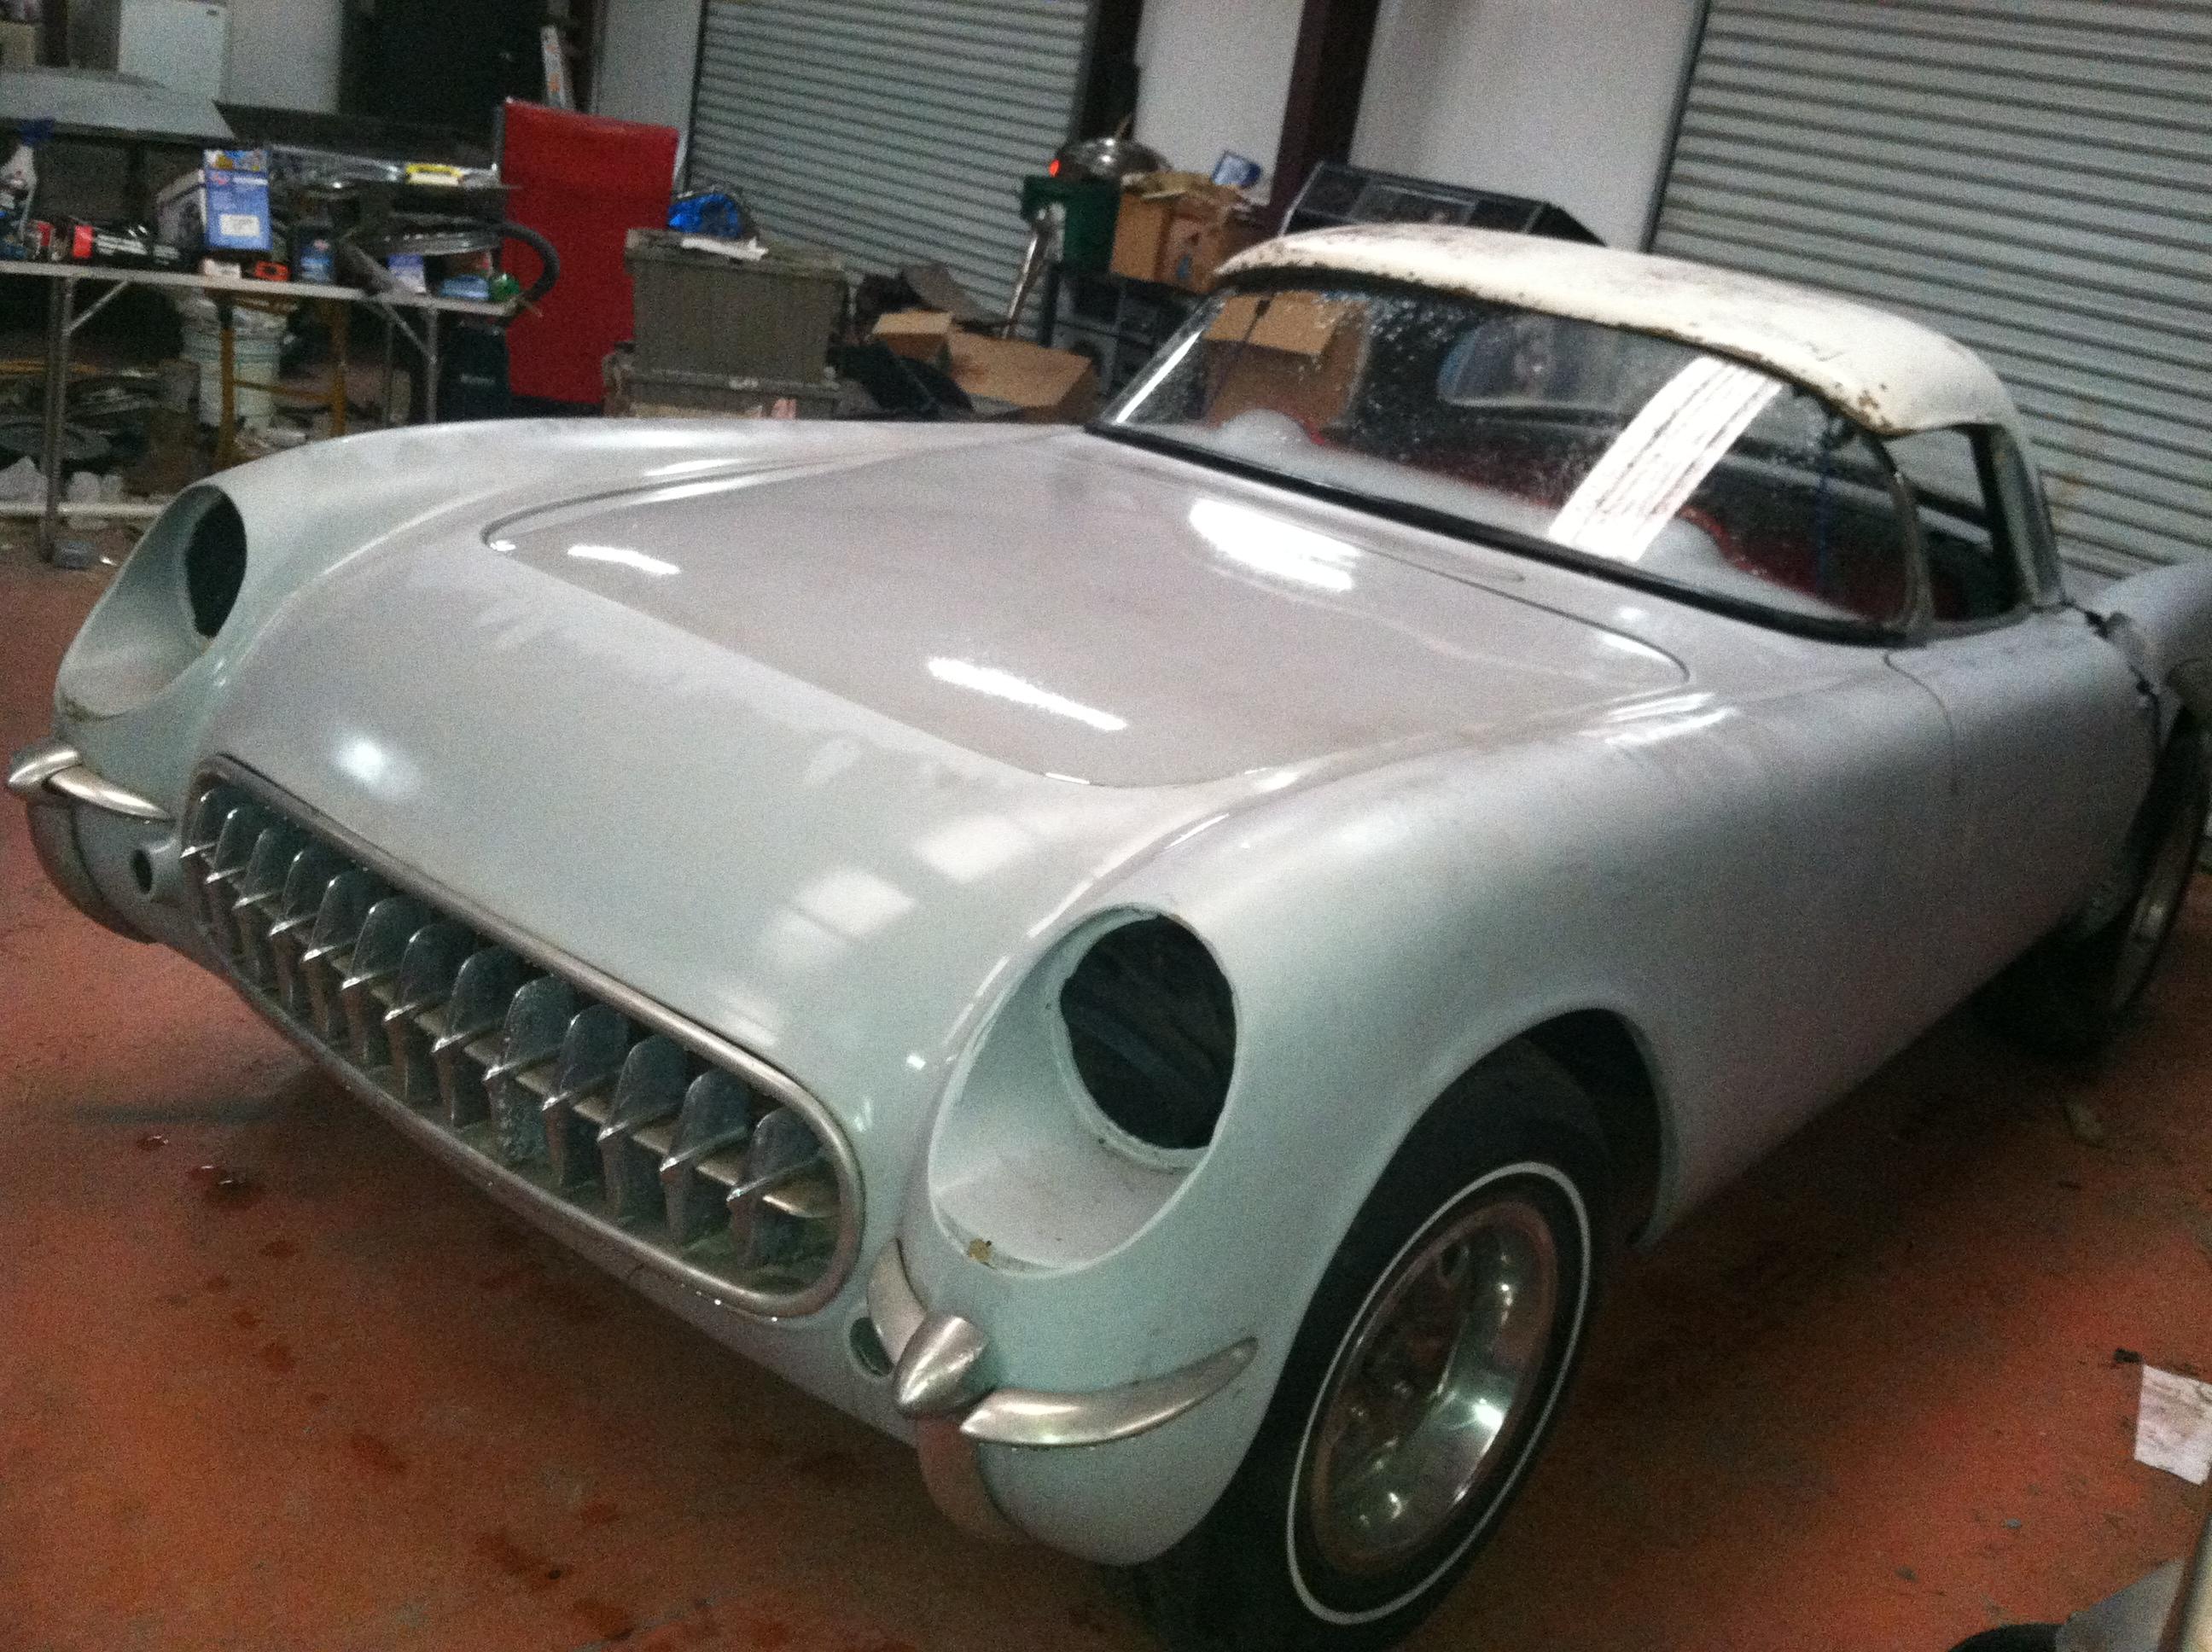 Auto For Sale For Sale: 1953 Chevrolet Corvette Kit Car For Sale